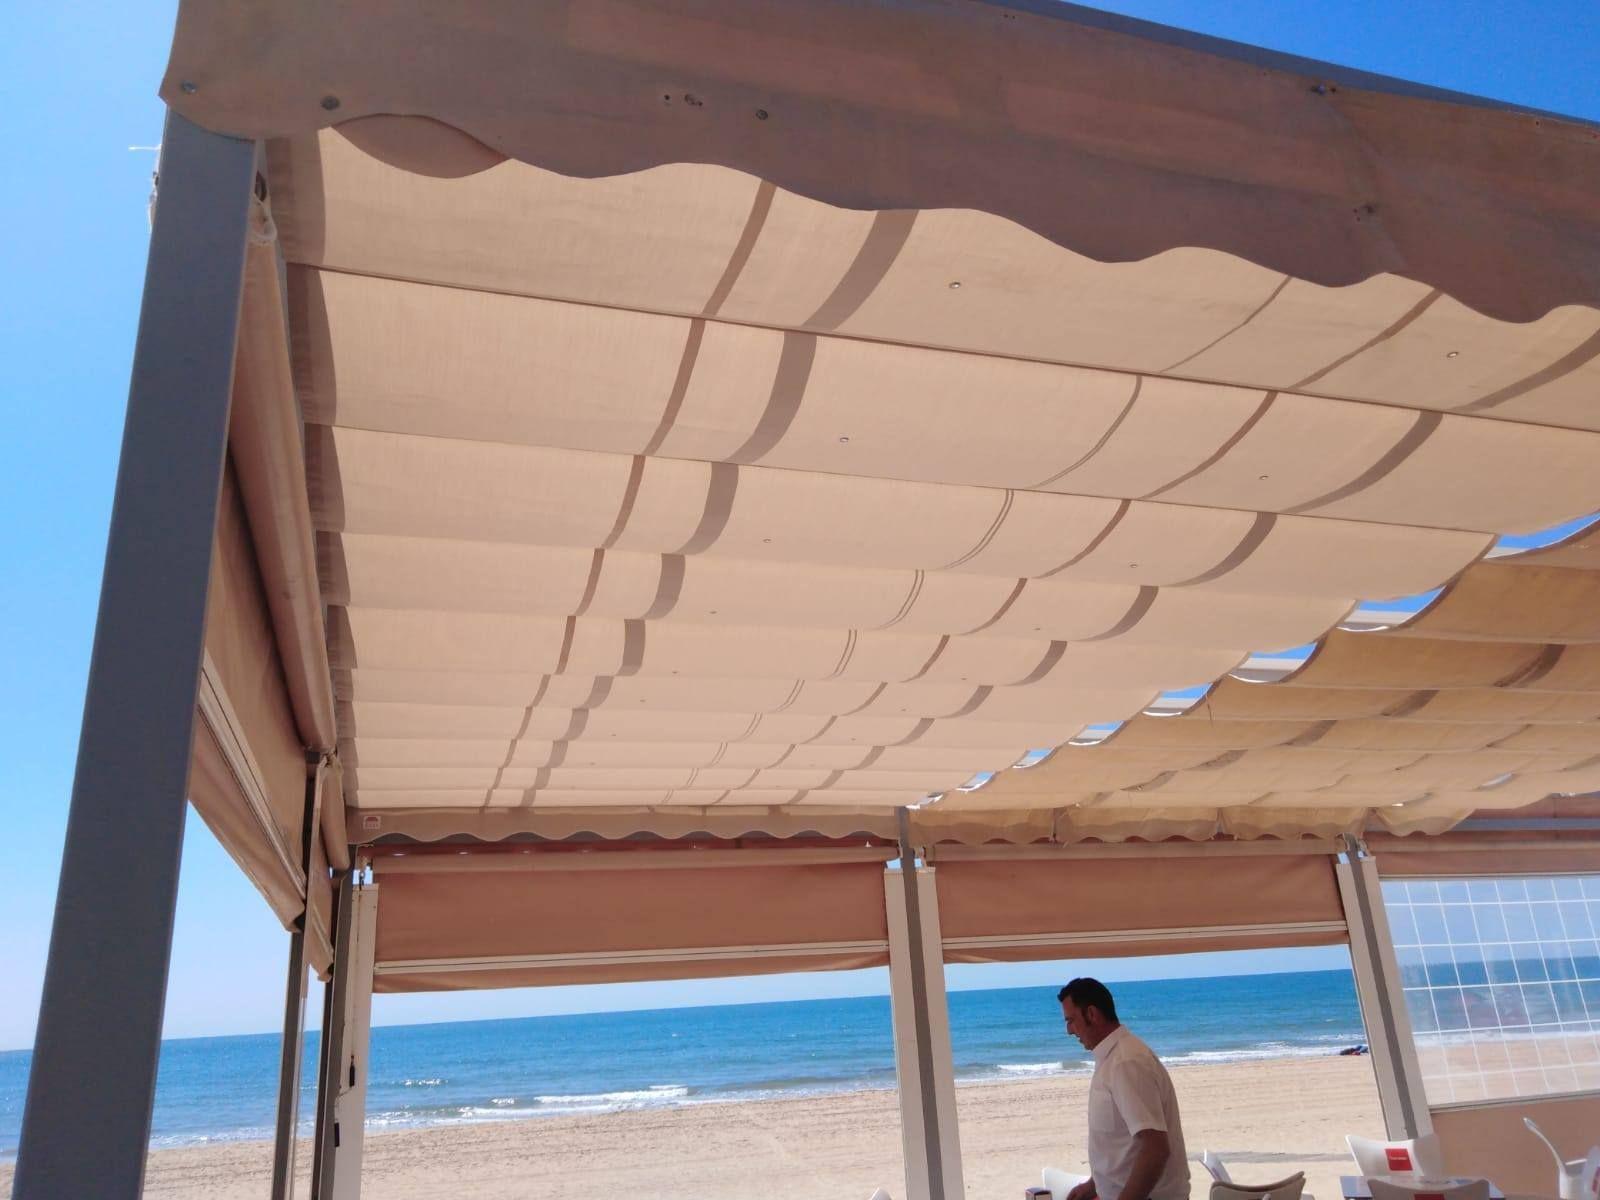 Foto 14 de Venta e instalación de toldos en Huelva en Bollullos Par del Condado   Toldos Alcántara